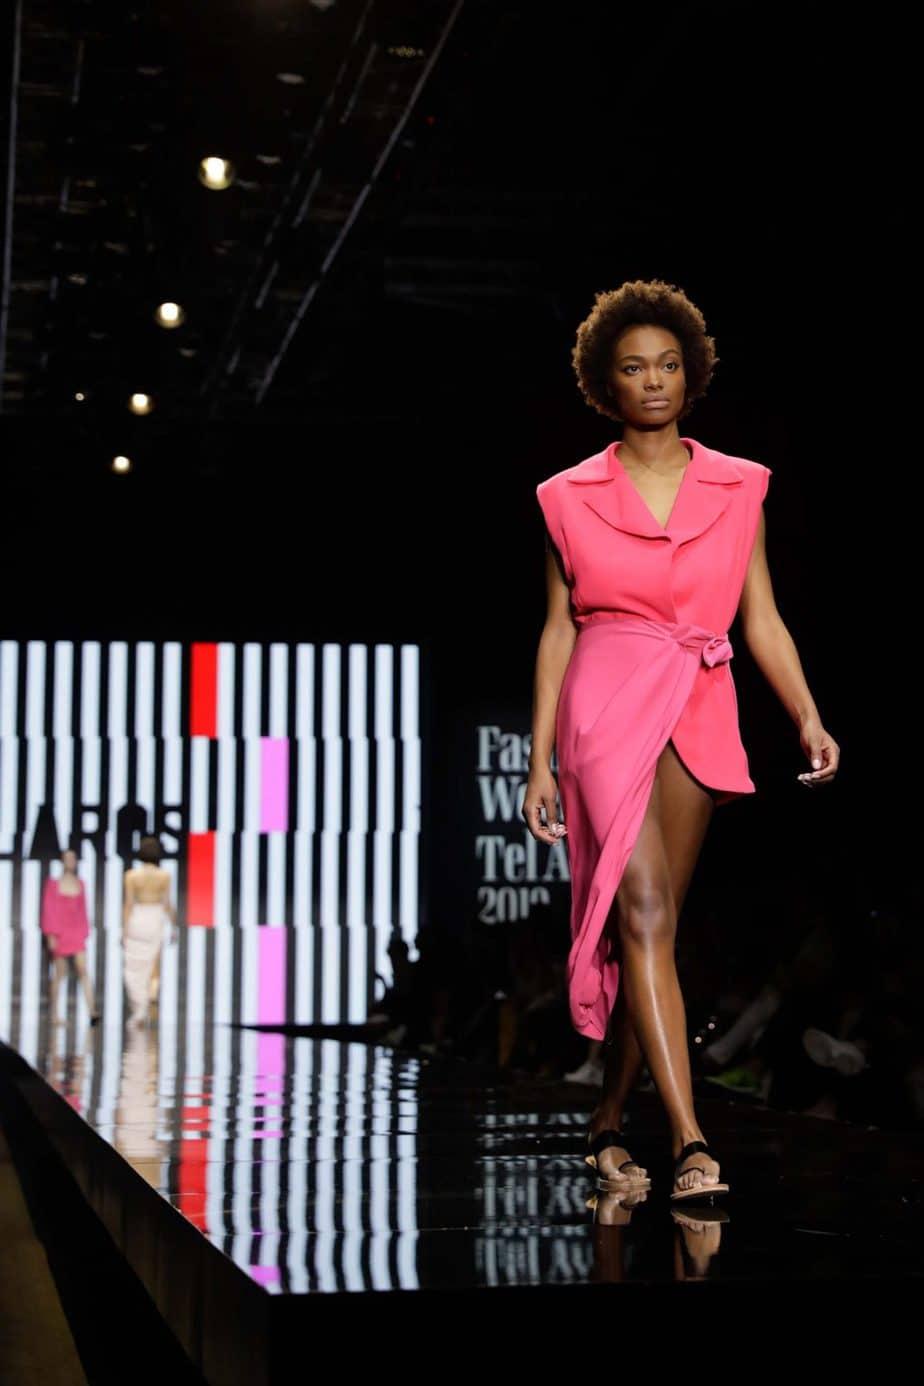 קולקציה עידן לרוס, תצוגת אופנה עידן לרוס שבוע האופנה תל אביב 2019, צילום עומר קפלן - 13